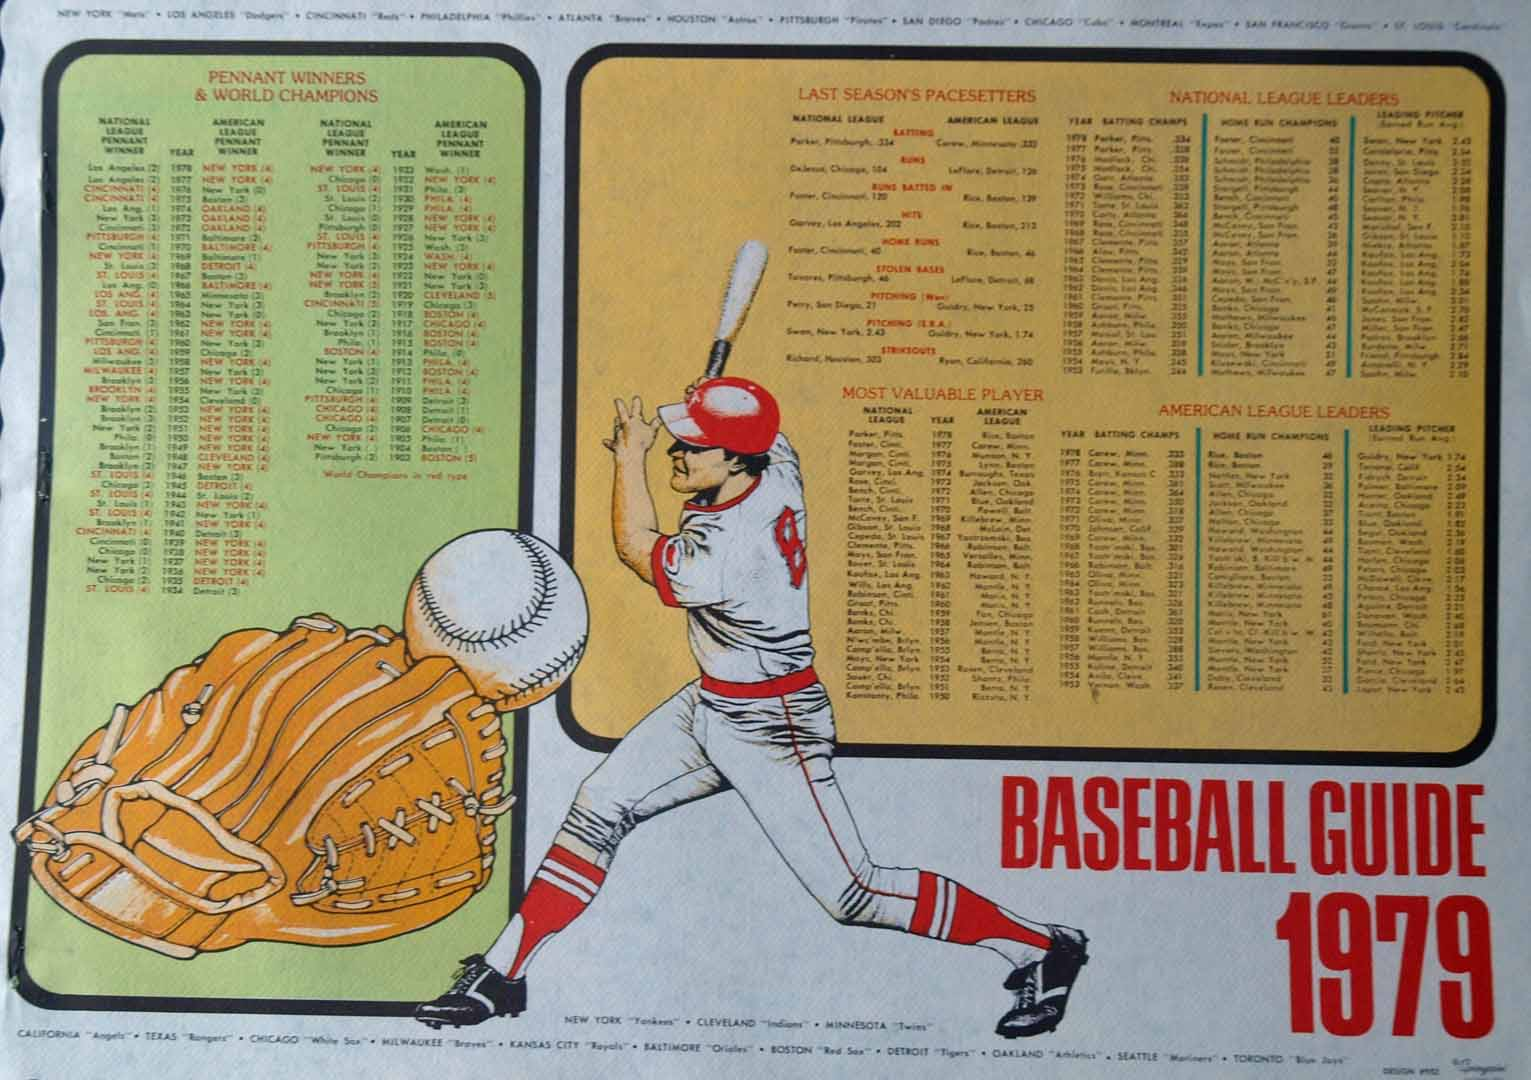 1979 springprint, springfield ohio